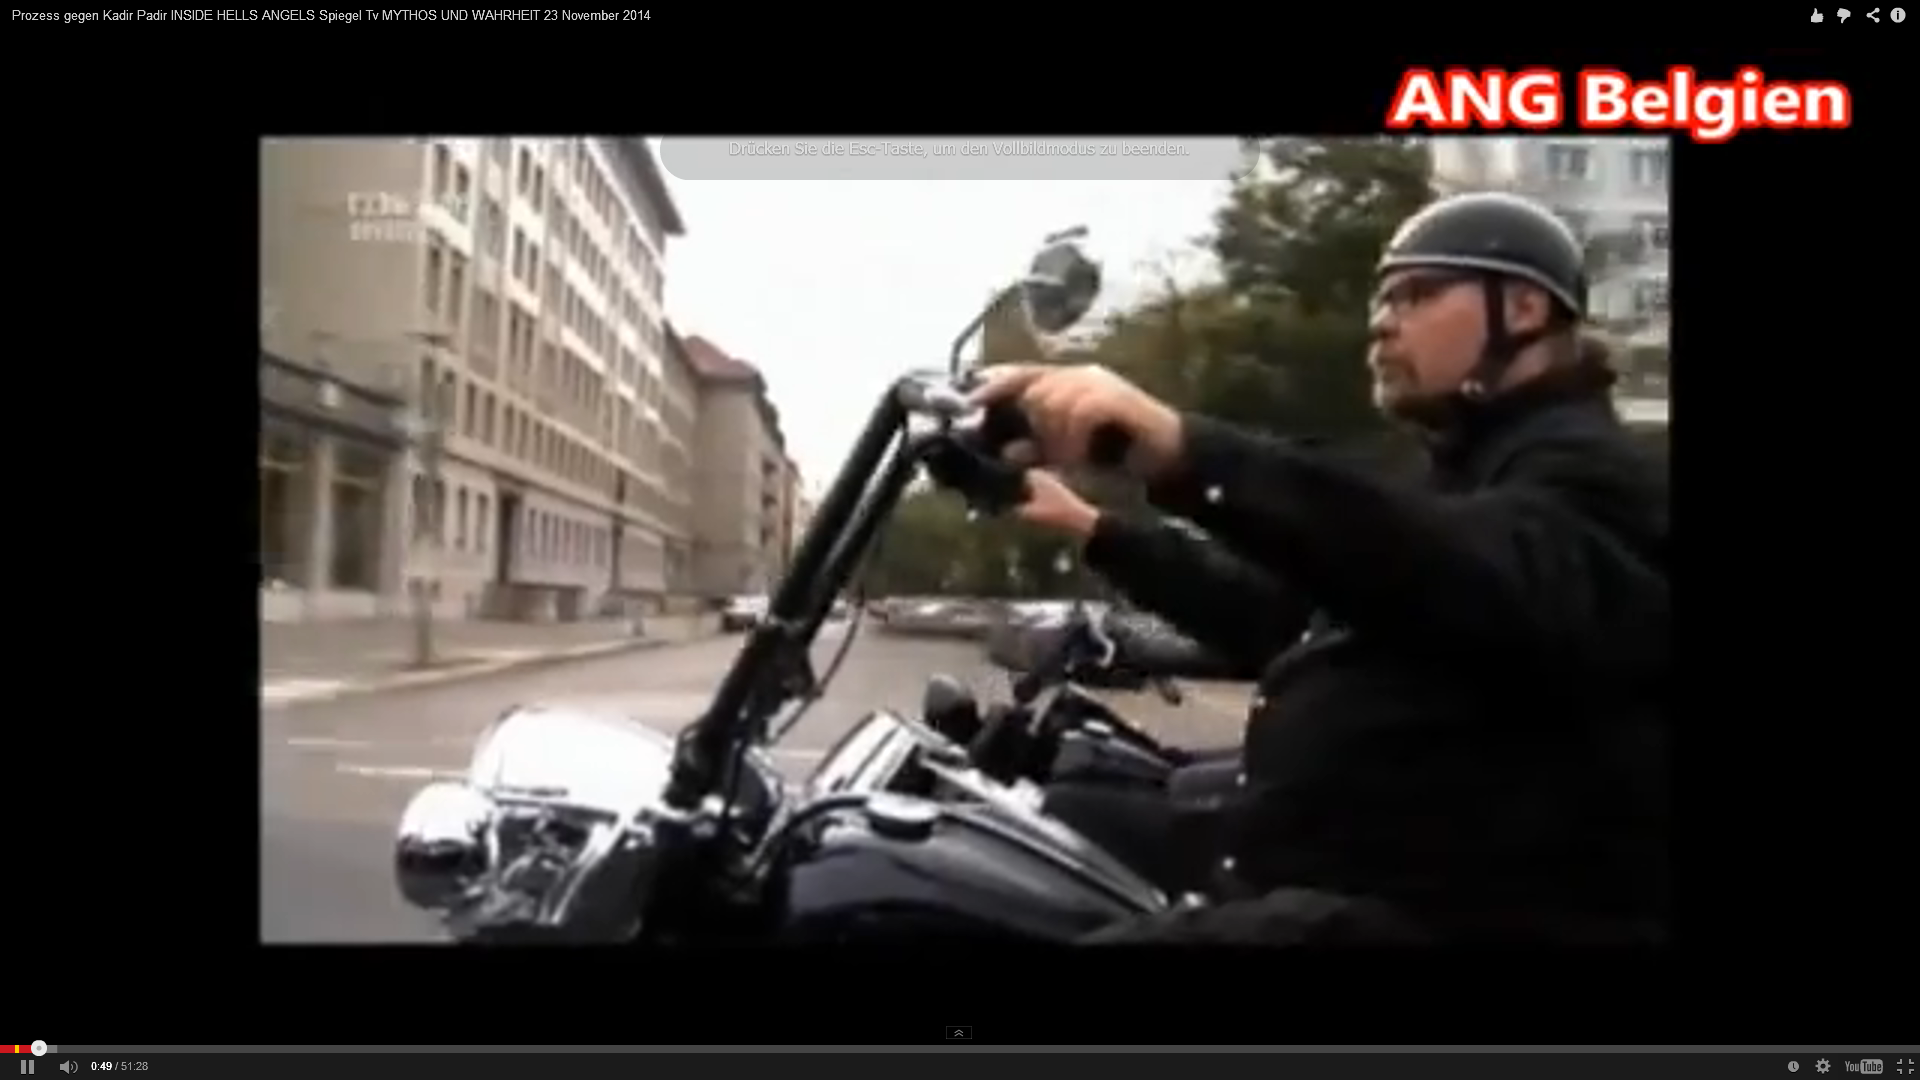 Spiegel tv mythos und wahrheit bikes music more for Spiegel tv die reportage